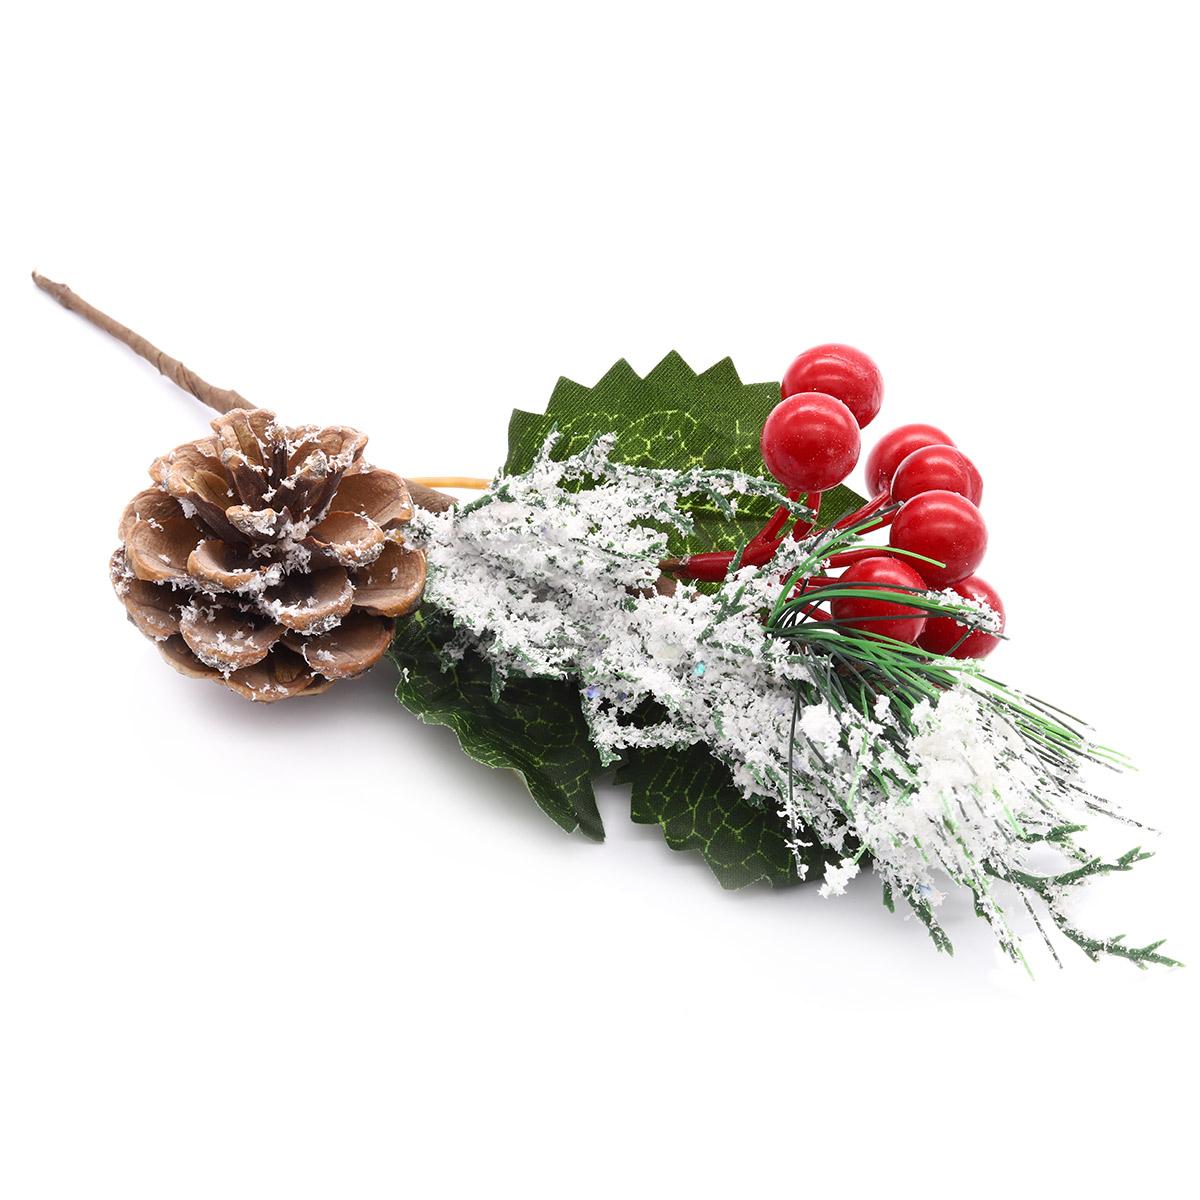 XY19-260 Ветка сосновая декоративная с ягодами, 28см